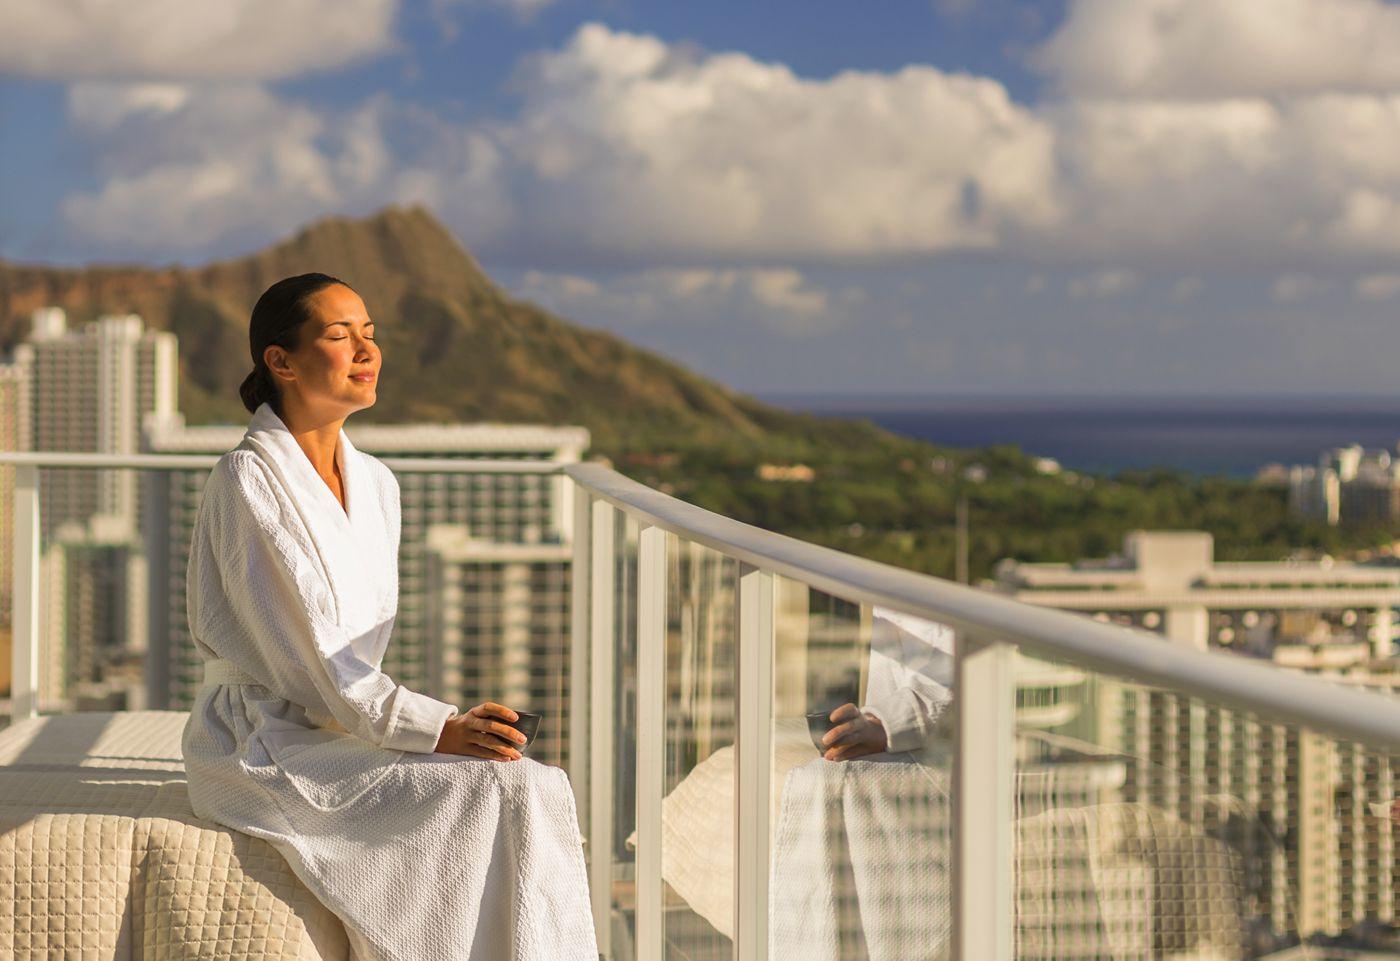 The Ritz-Carlton Spa, Waikiki Beach